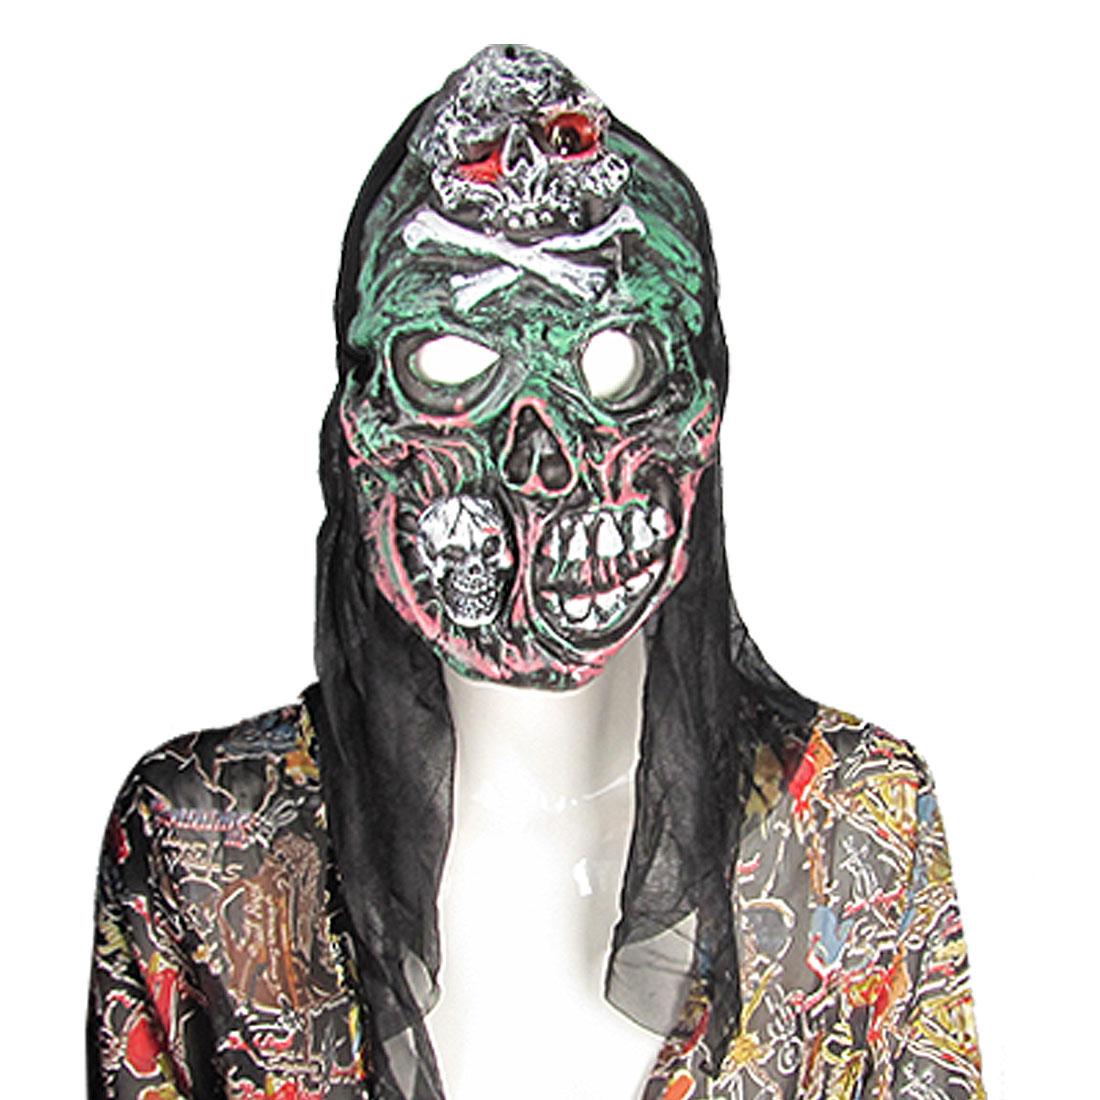 Halloween Skull Forehead Big Teeth Horrible Sound Mask